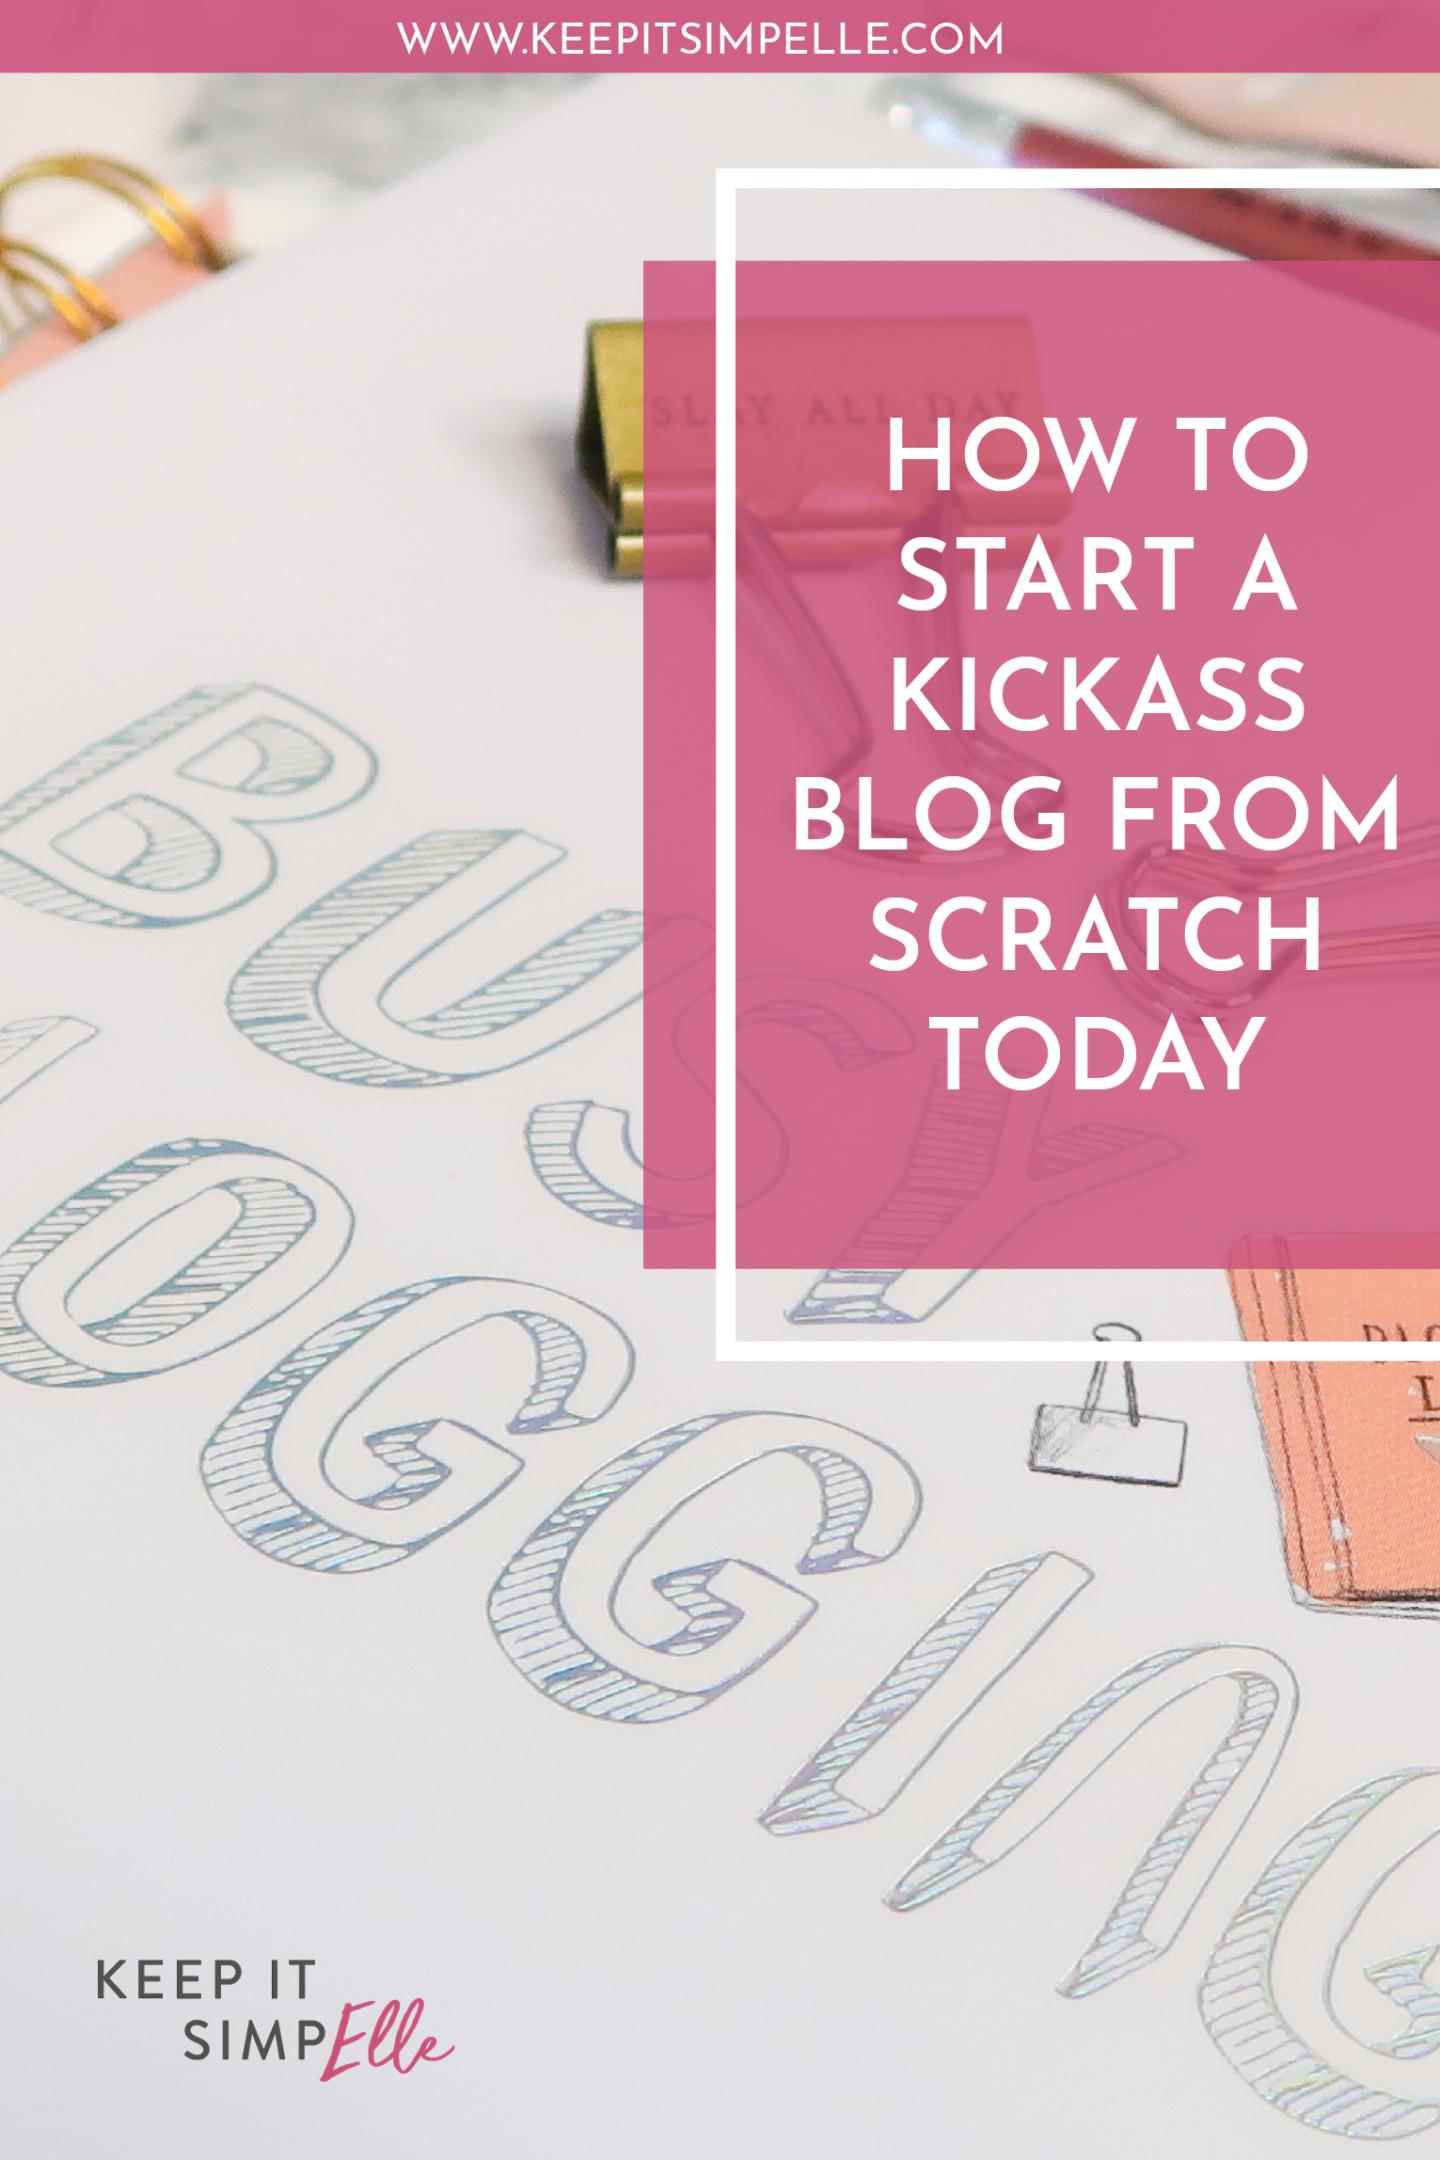 How To Start A Kickass Blog From Scratch Pinterest Image